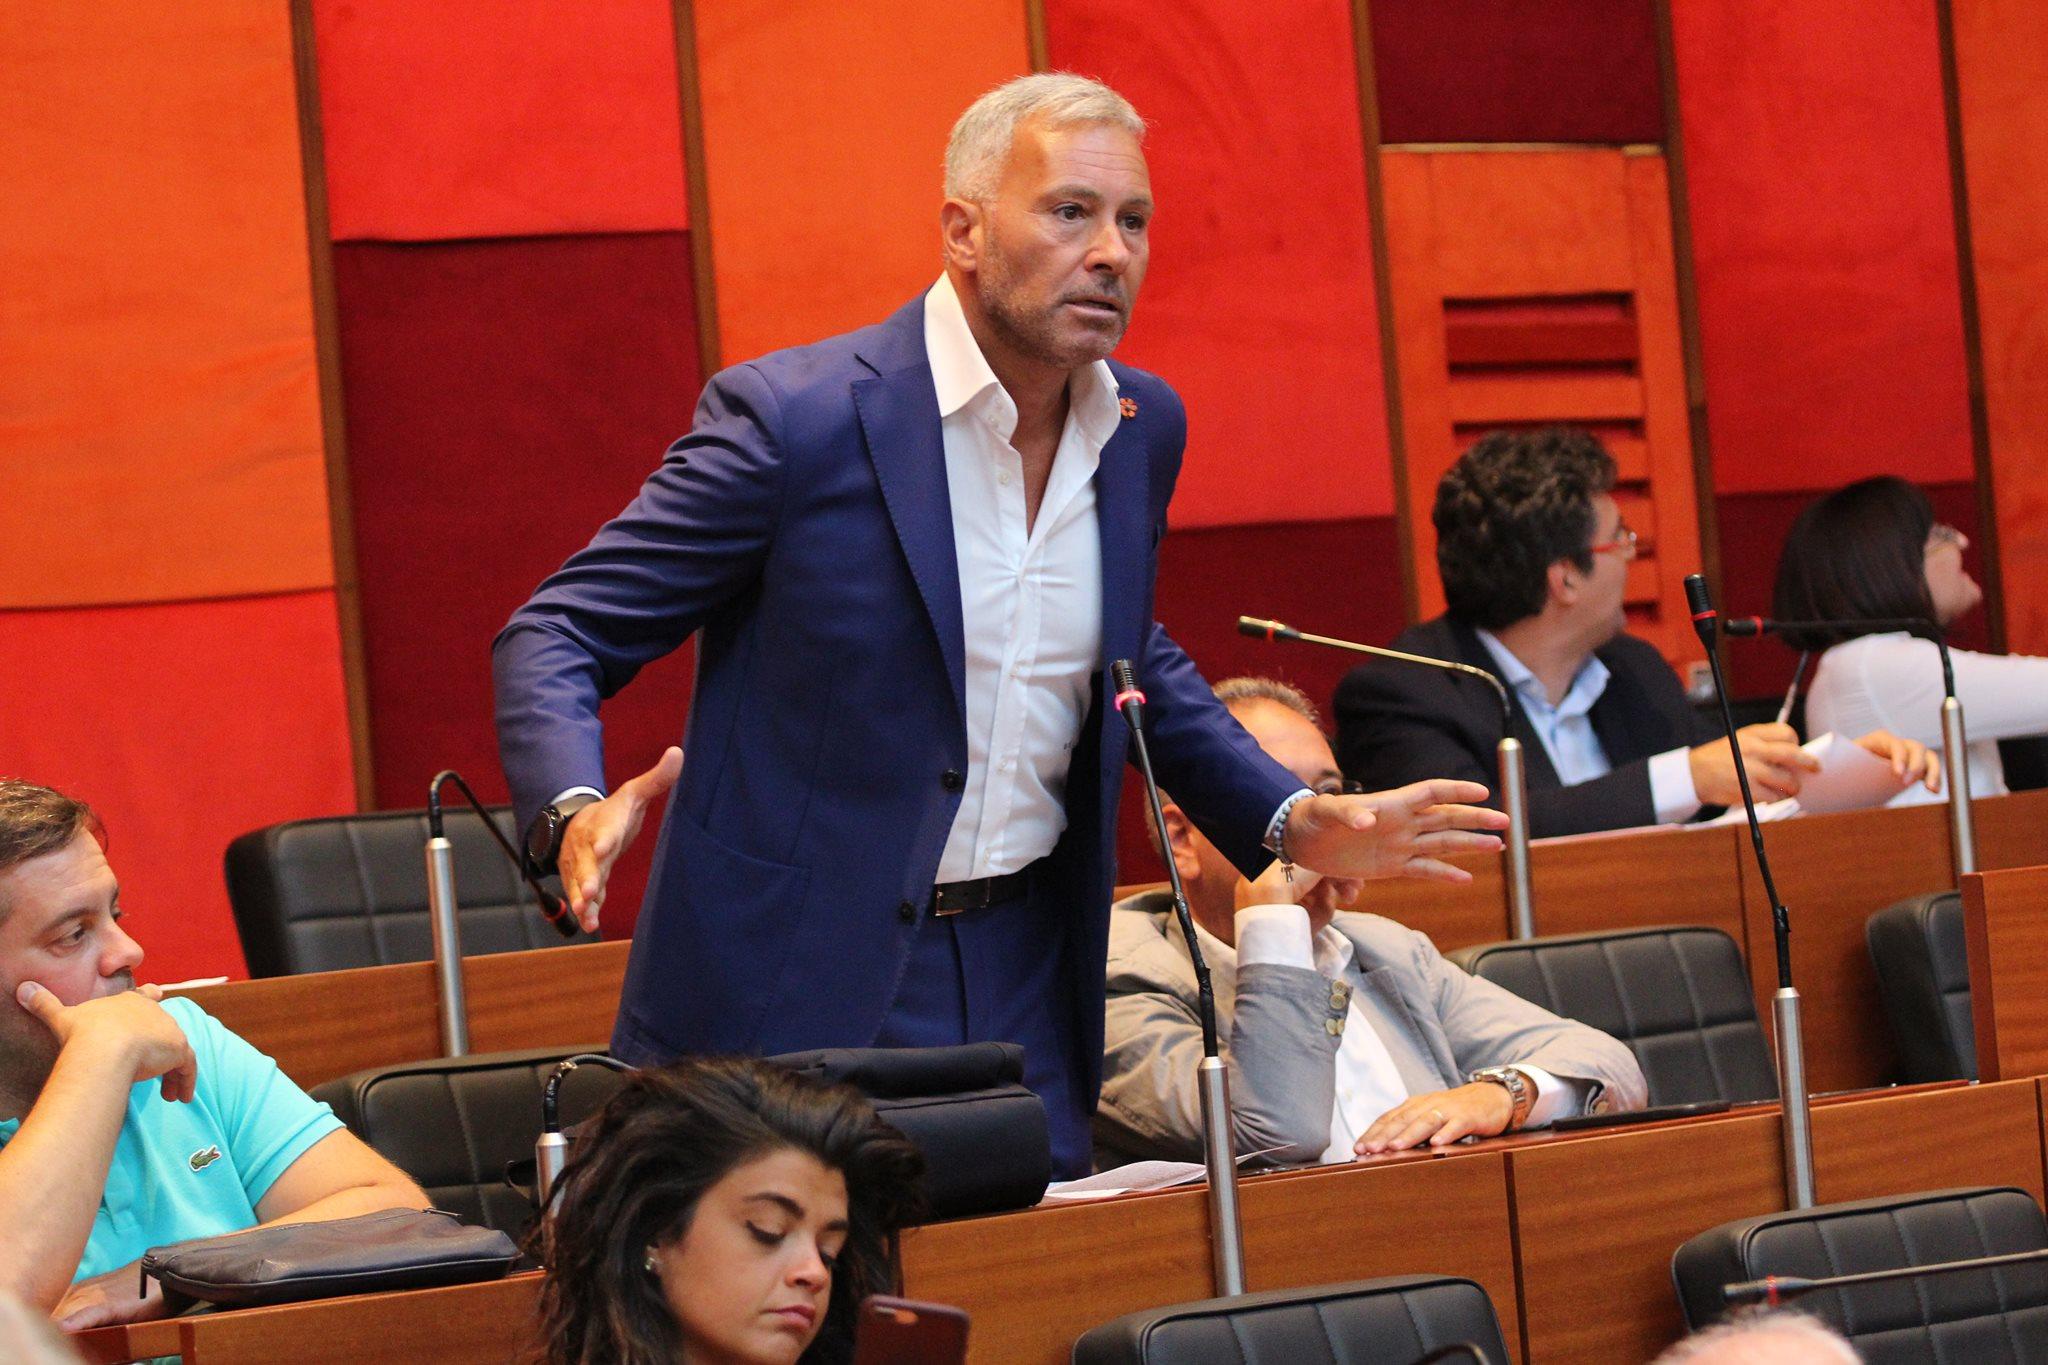 Consiglieri gratis in tribuna d'onore mentre De Laurentiis non paga 3,5 mln di debiti